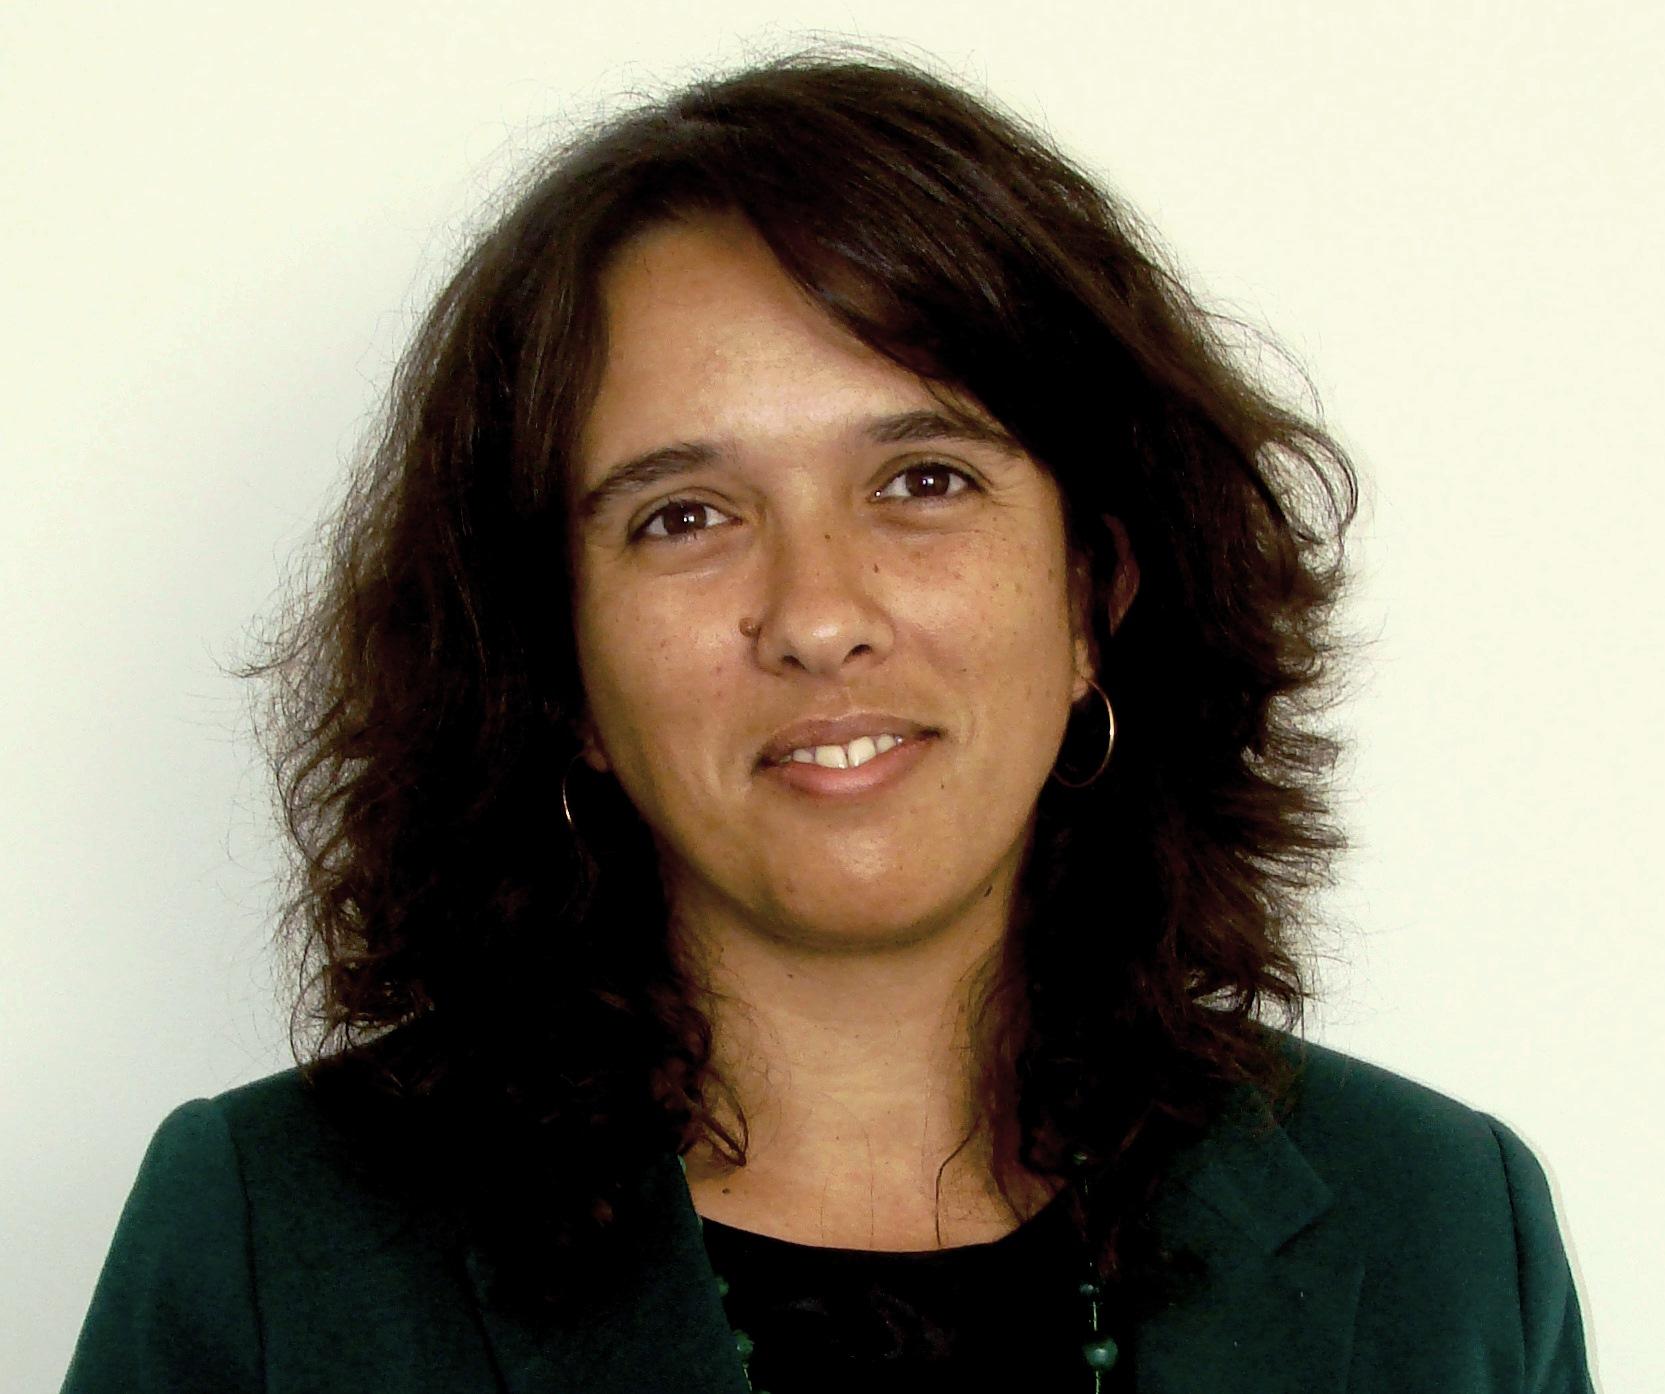 Gabriela Maria Ferreira Peixoto